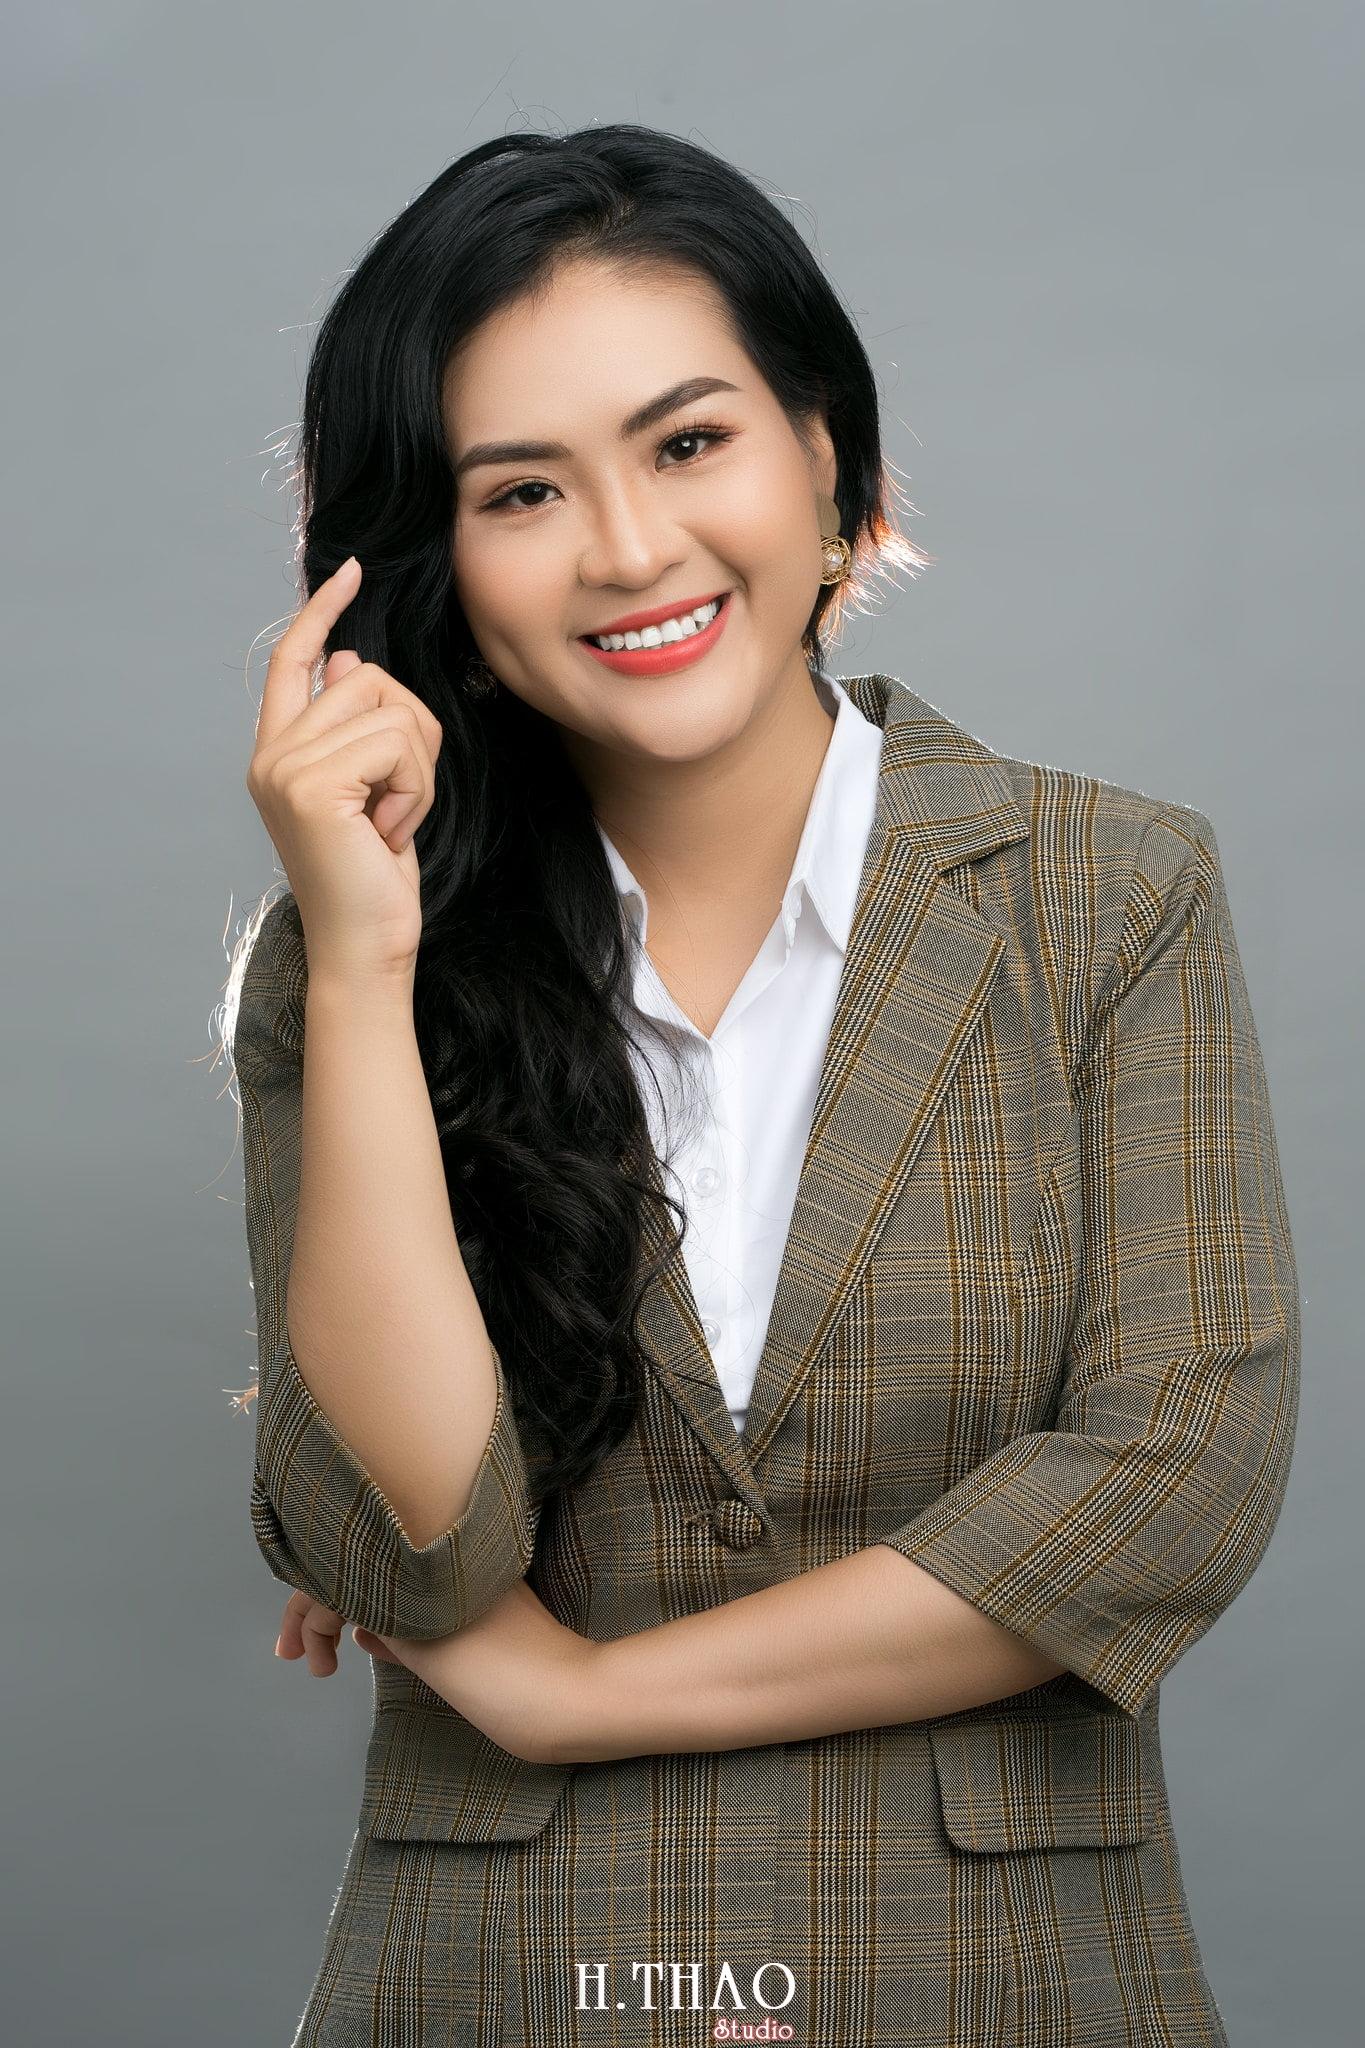 Nam Phuong 12 - Album ảnh Doanh nhân nữ xinh đẹp Nam Phương - HThao Studio